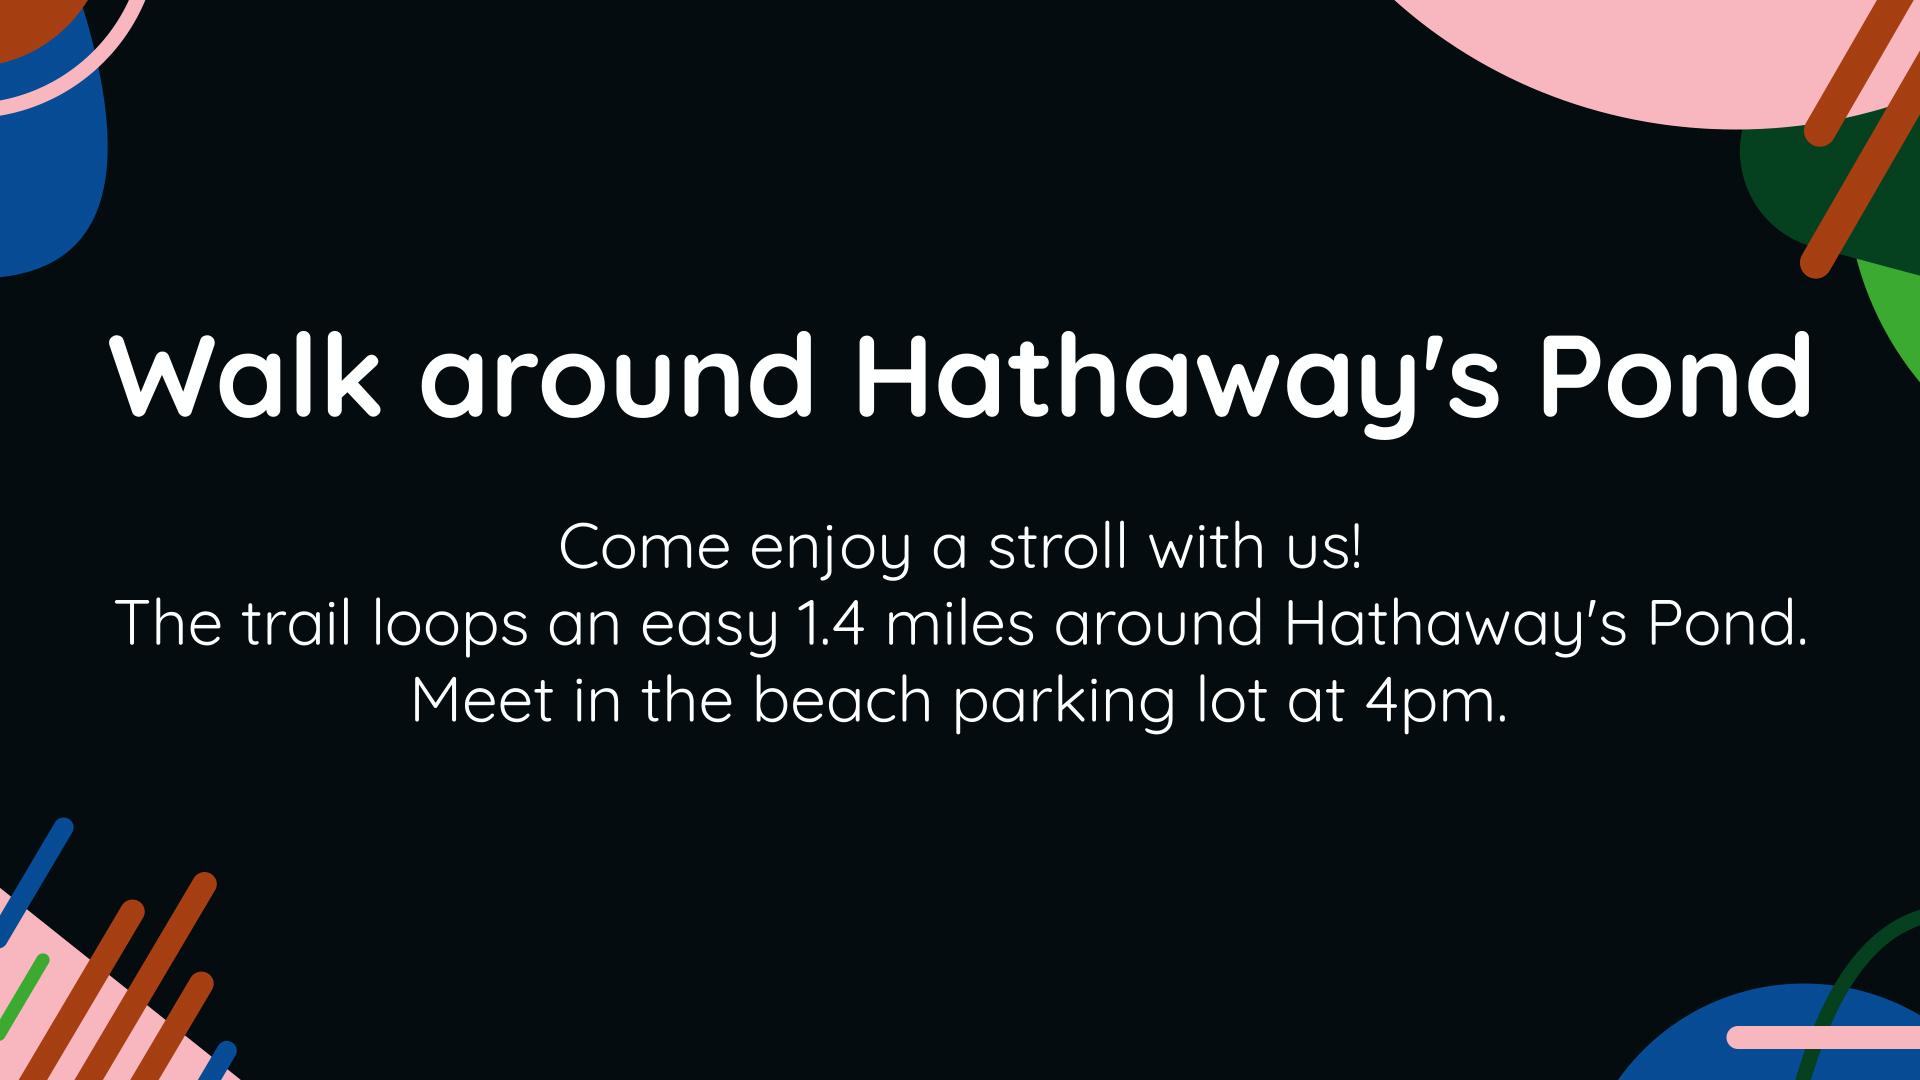 Walk around Hathaway's Pond